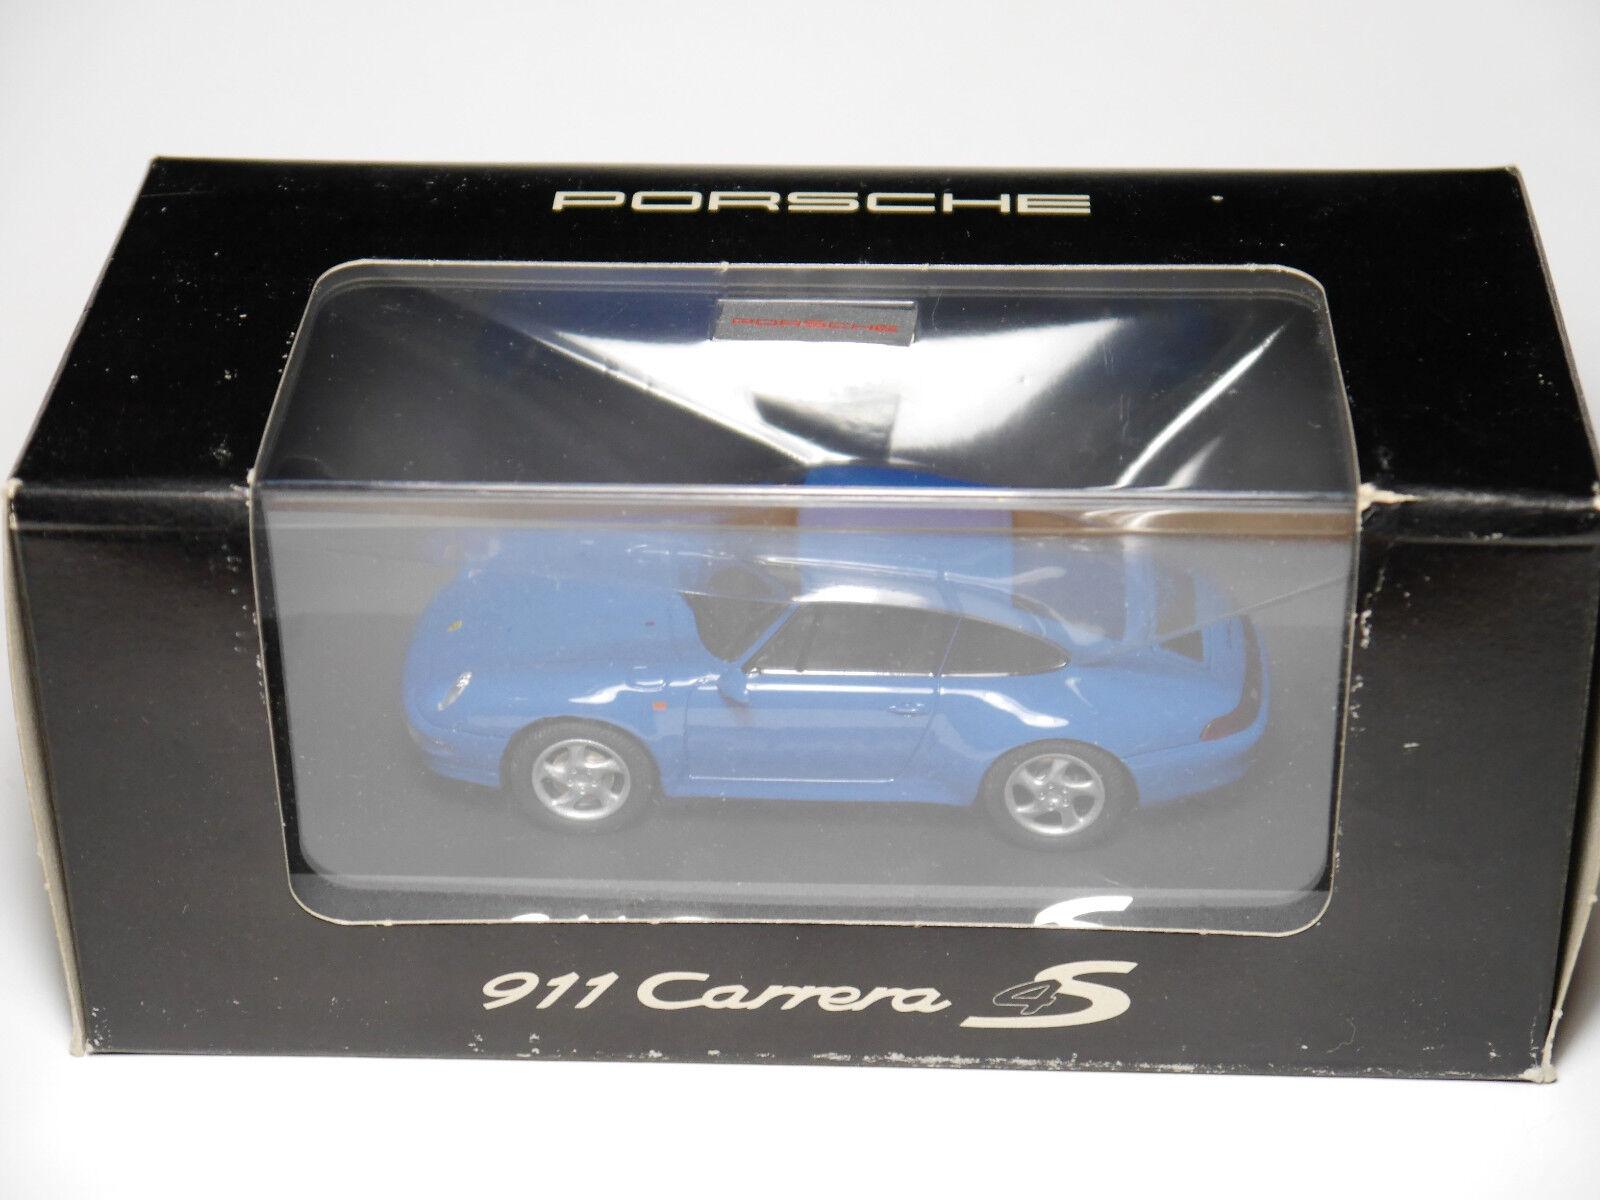 PORSCHE 911 (993) Coupe 4s in blu blu blu blu, Schuco WAP 020 016 1 43 Boxed